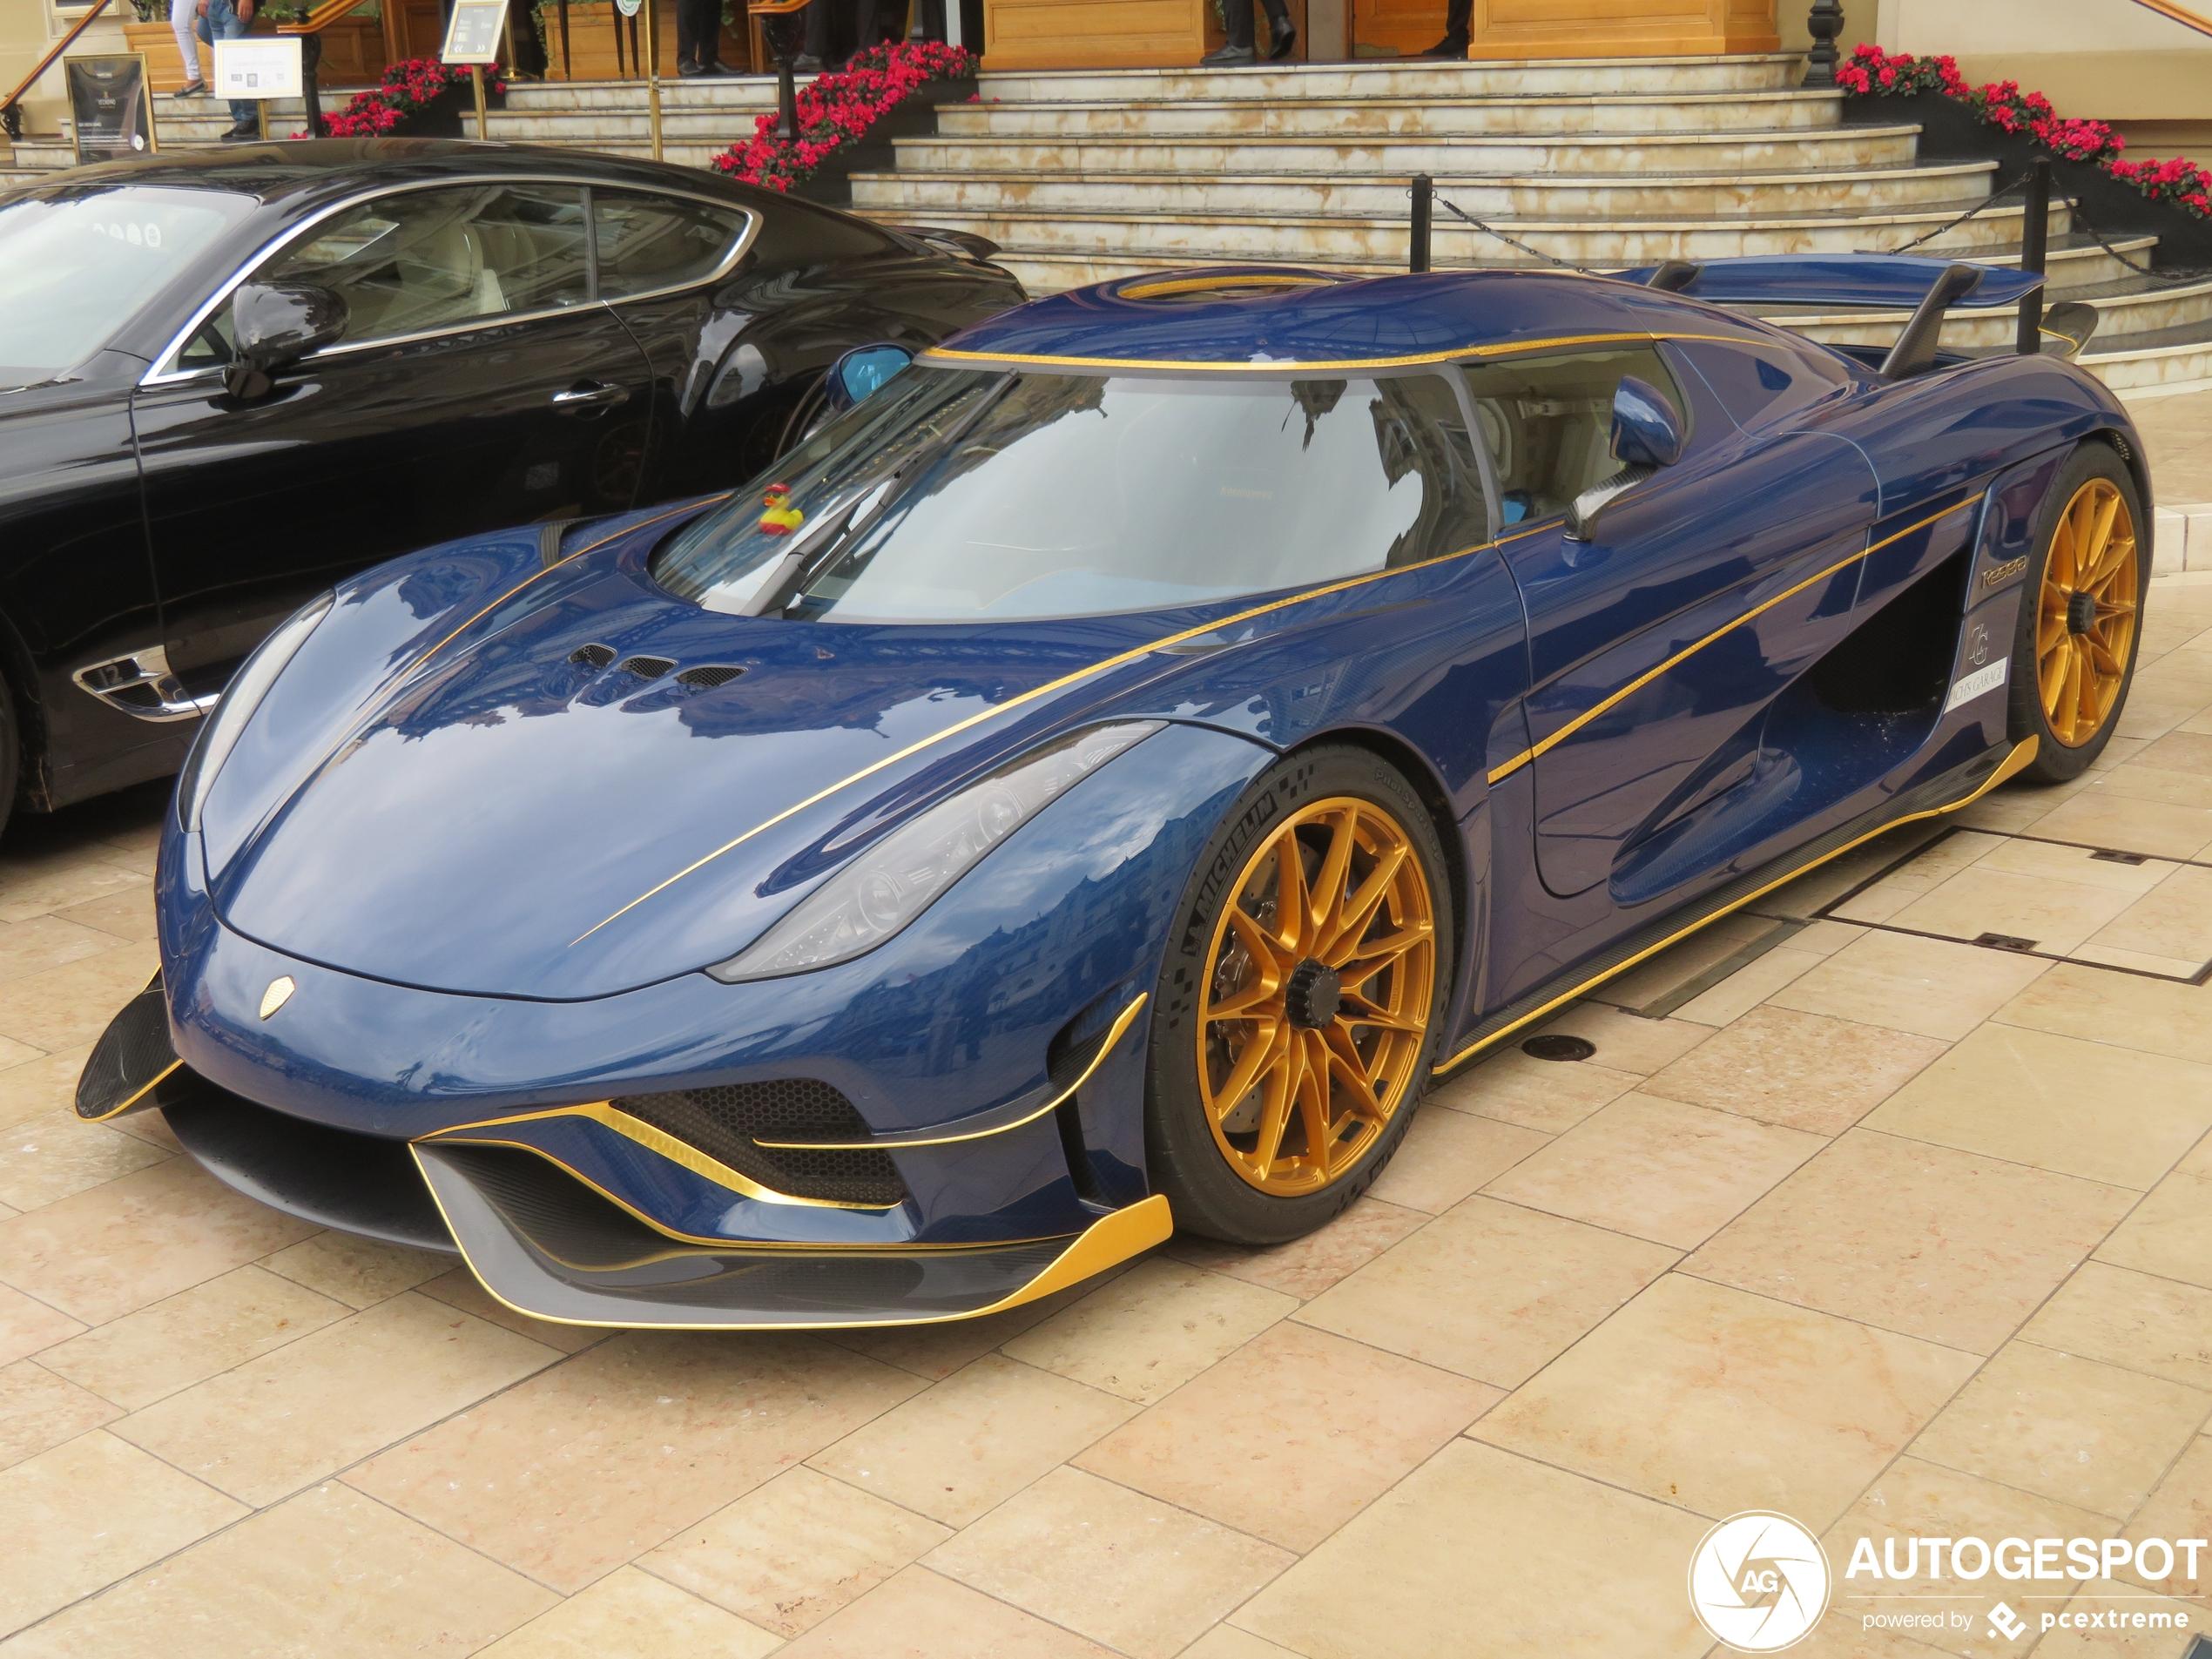 Koenigsegg Regera is worth the most in Monaco Casino Square